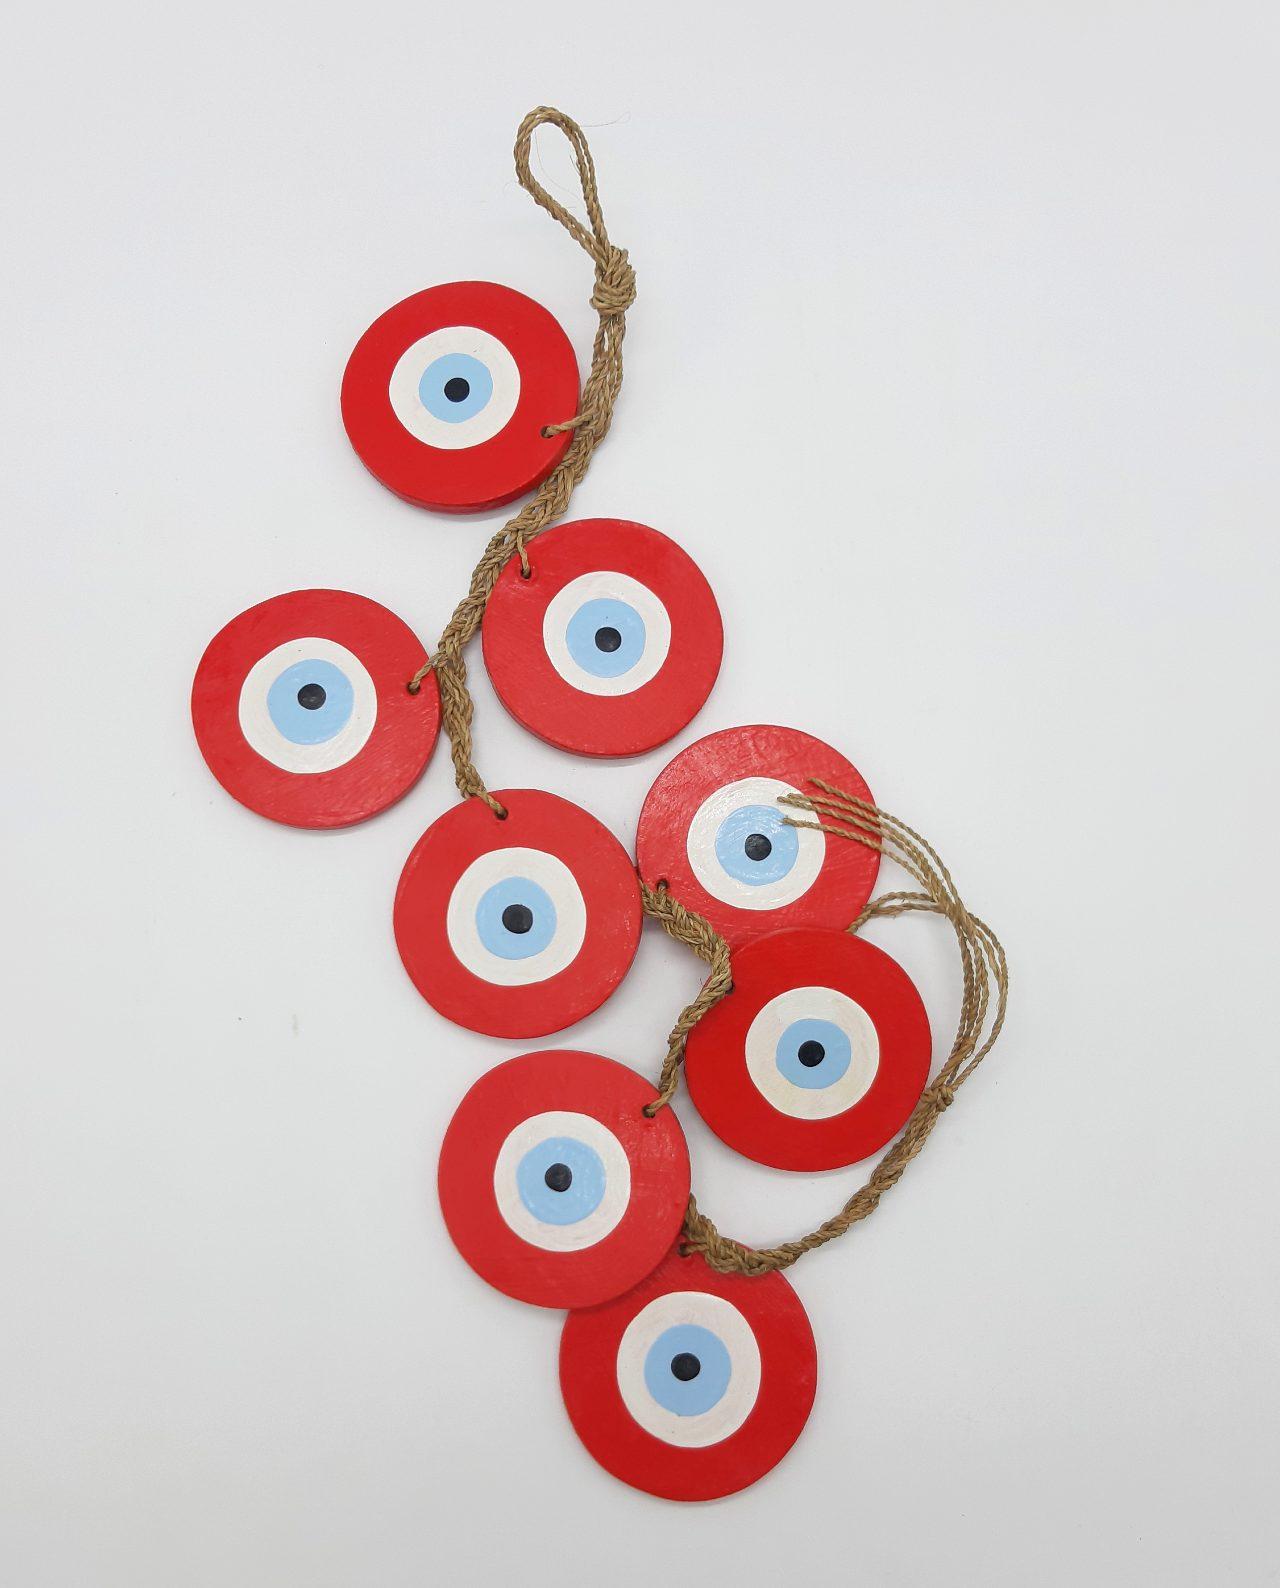 Γιρλάντα 8 Ματάκια Ξύλινα Χειροποίητα Μήκος 50 cm χρώμα κόκκινο